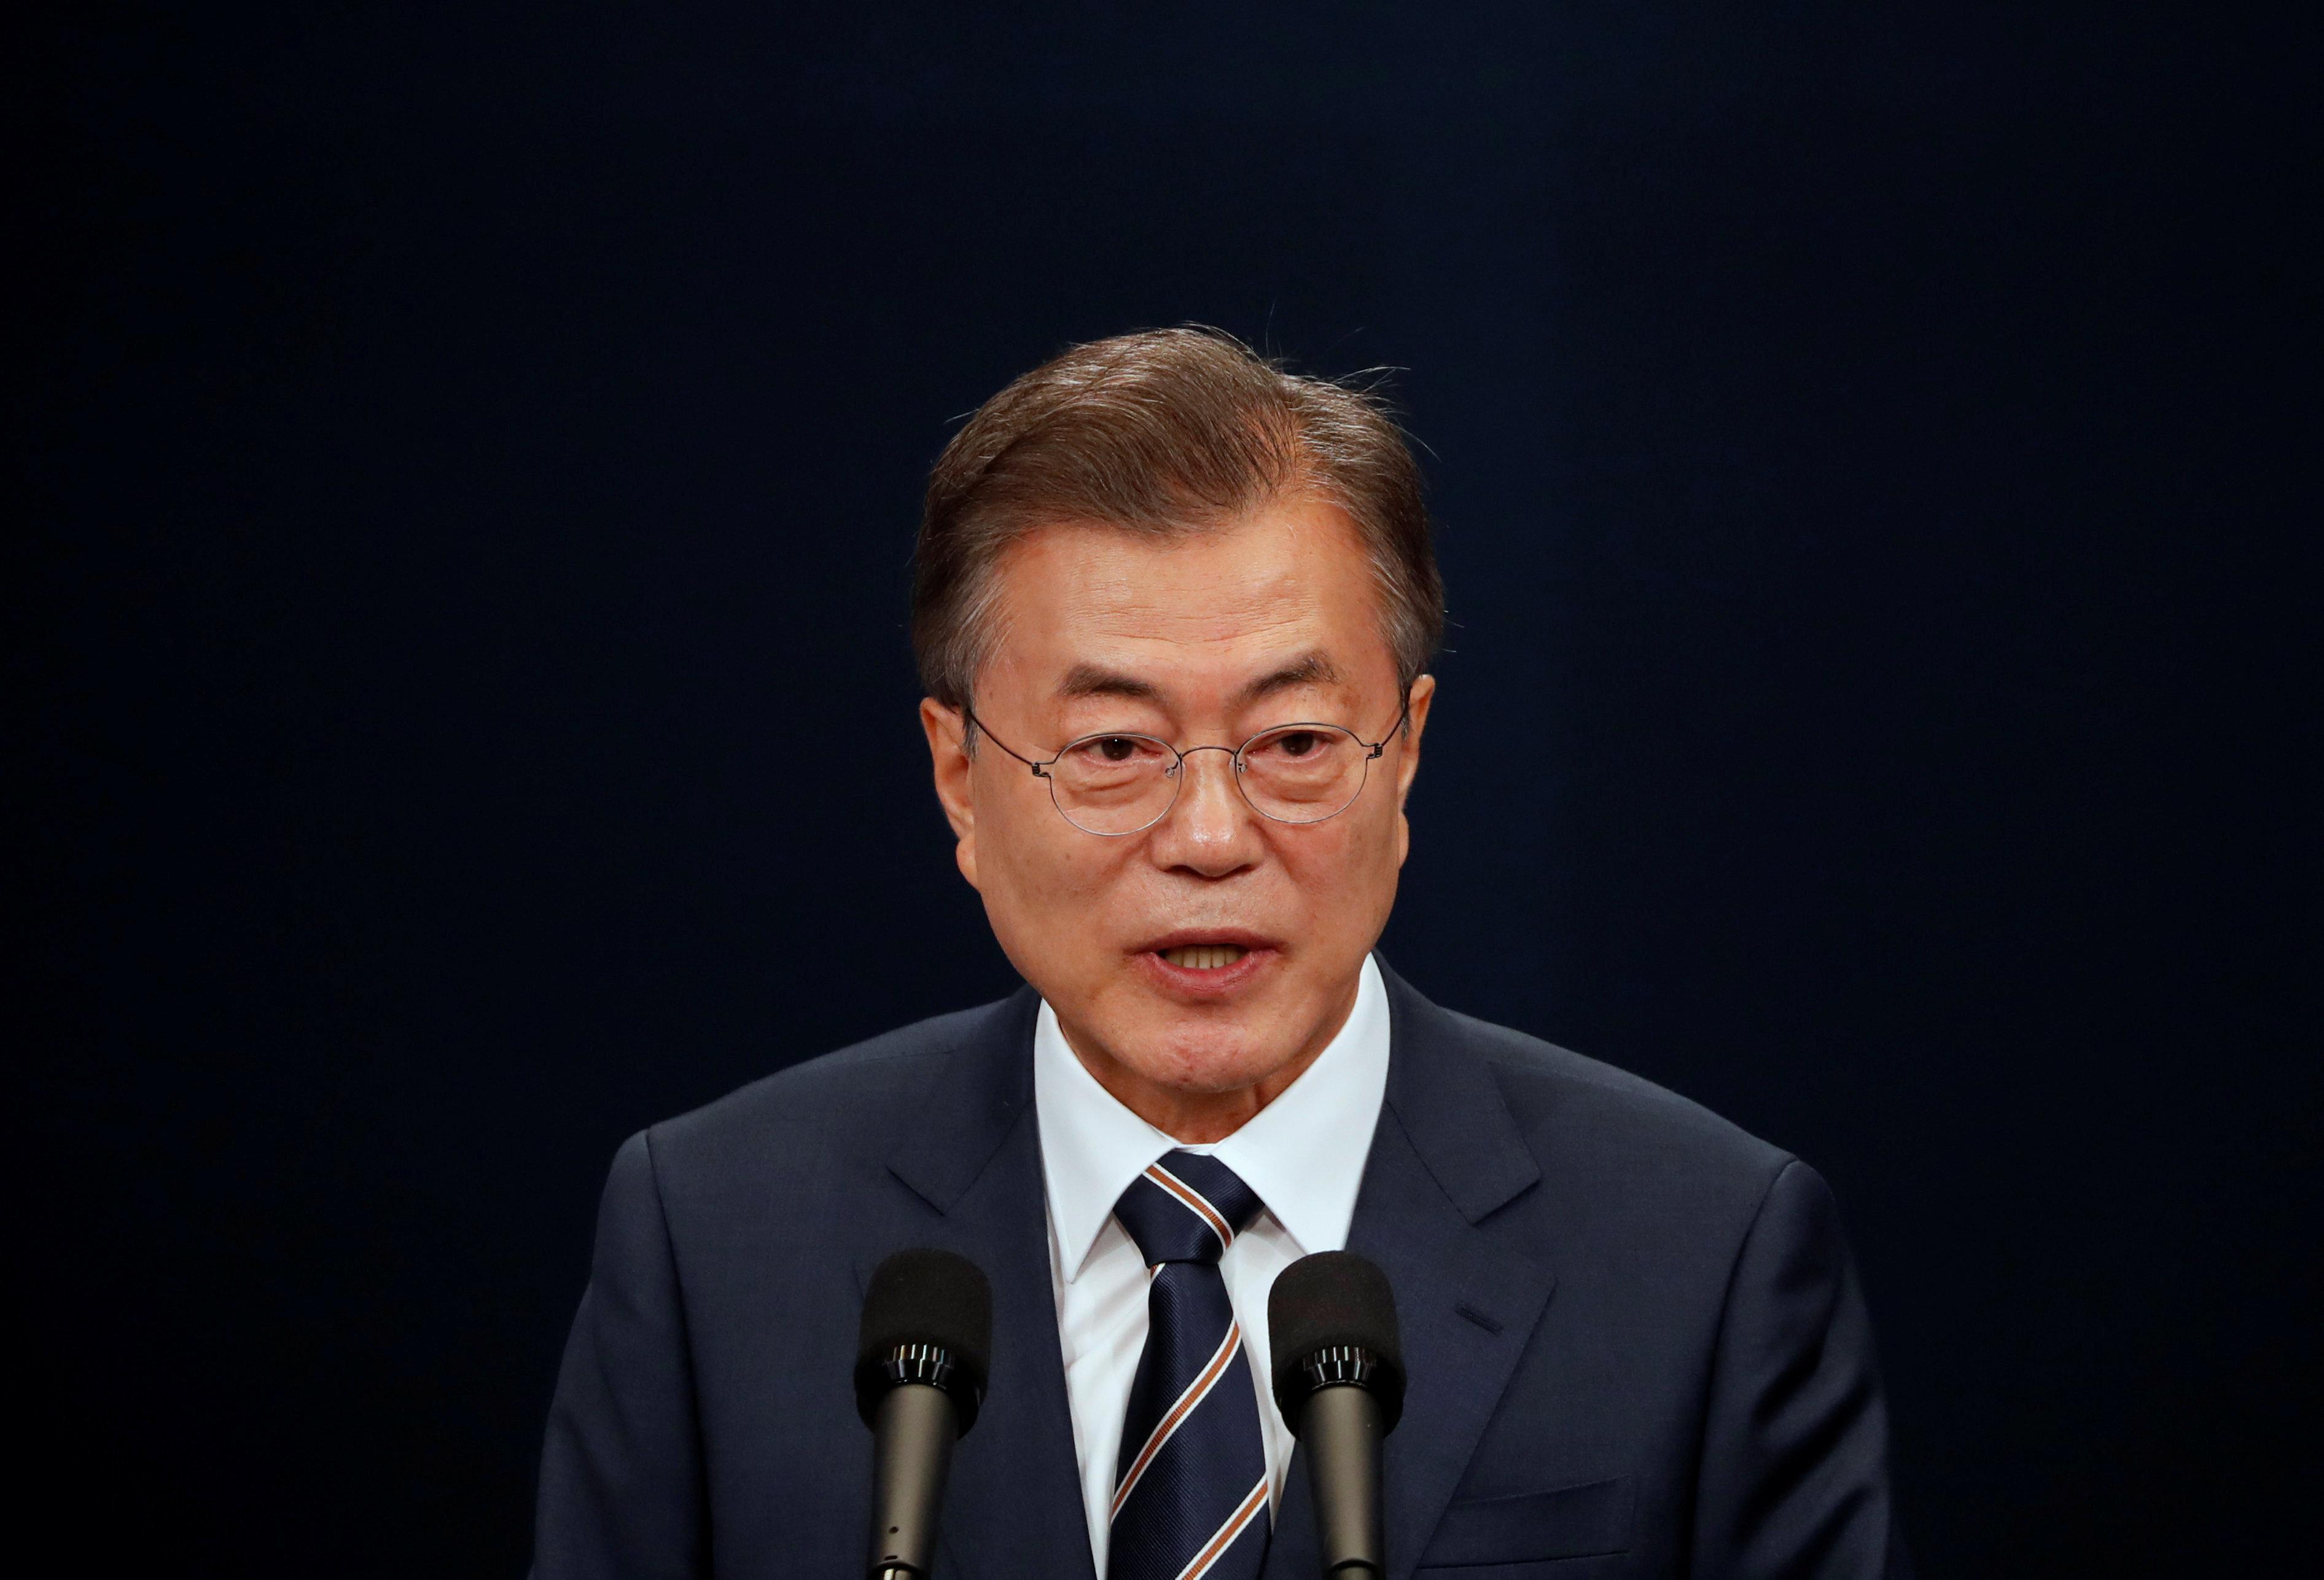 청와대가 '문재인 대통령은 싱가포르에 안 간다'고 밝혔다